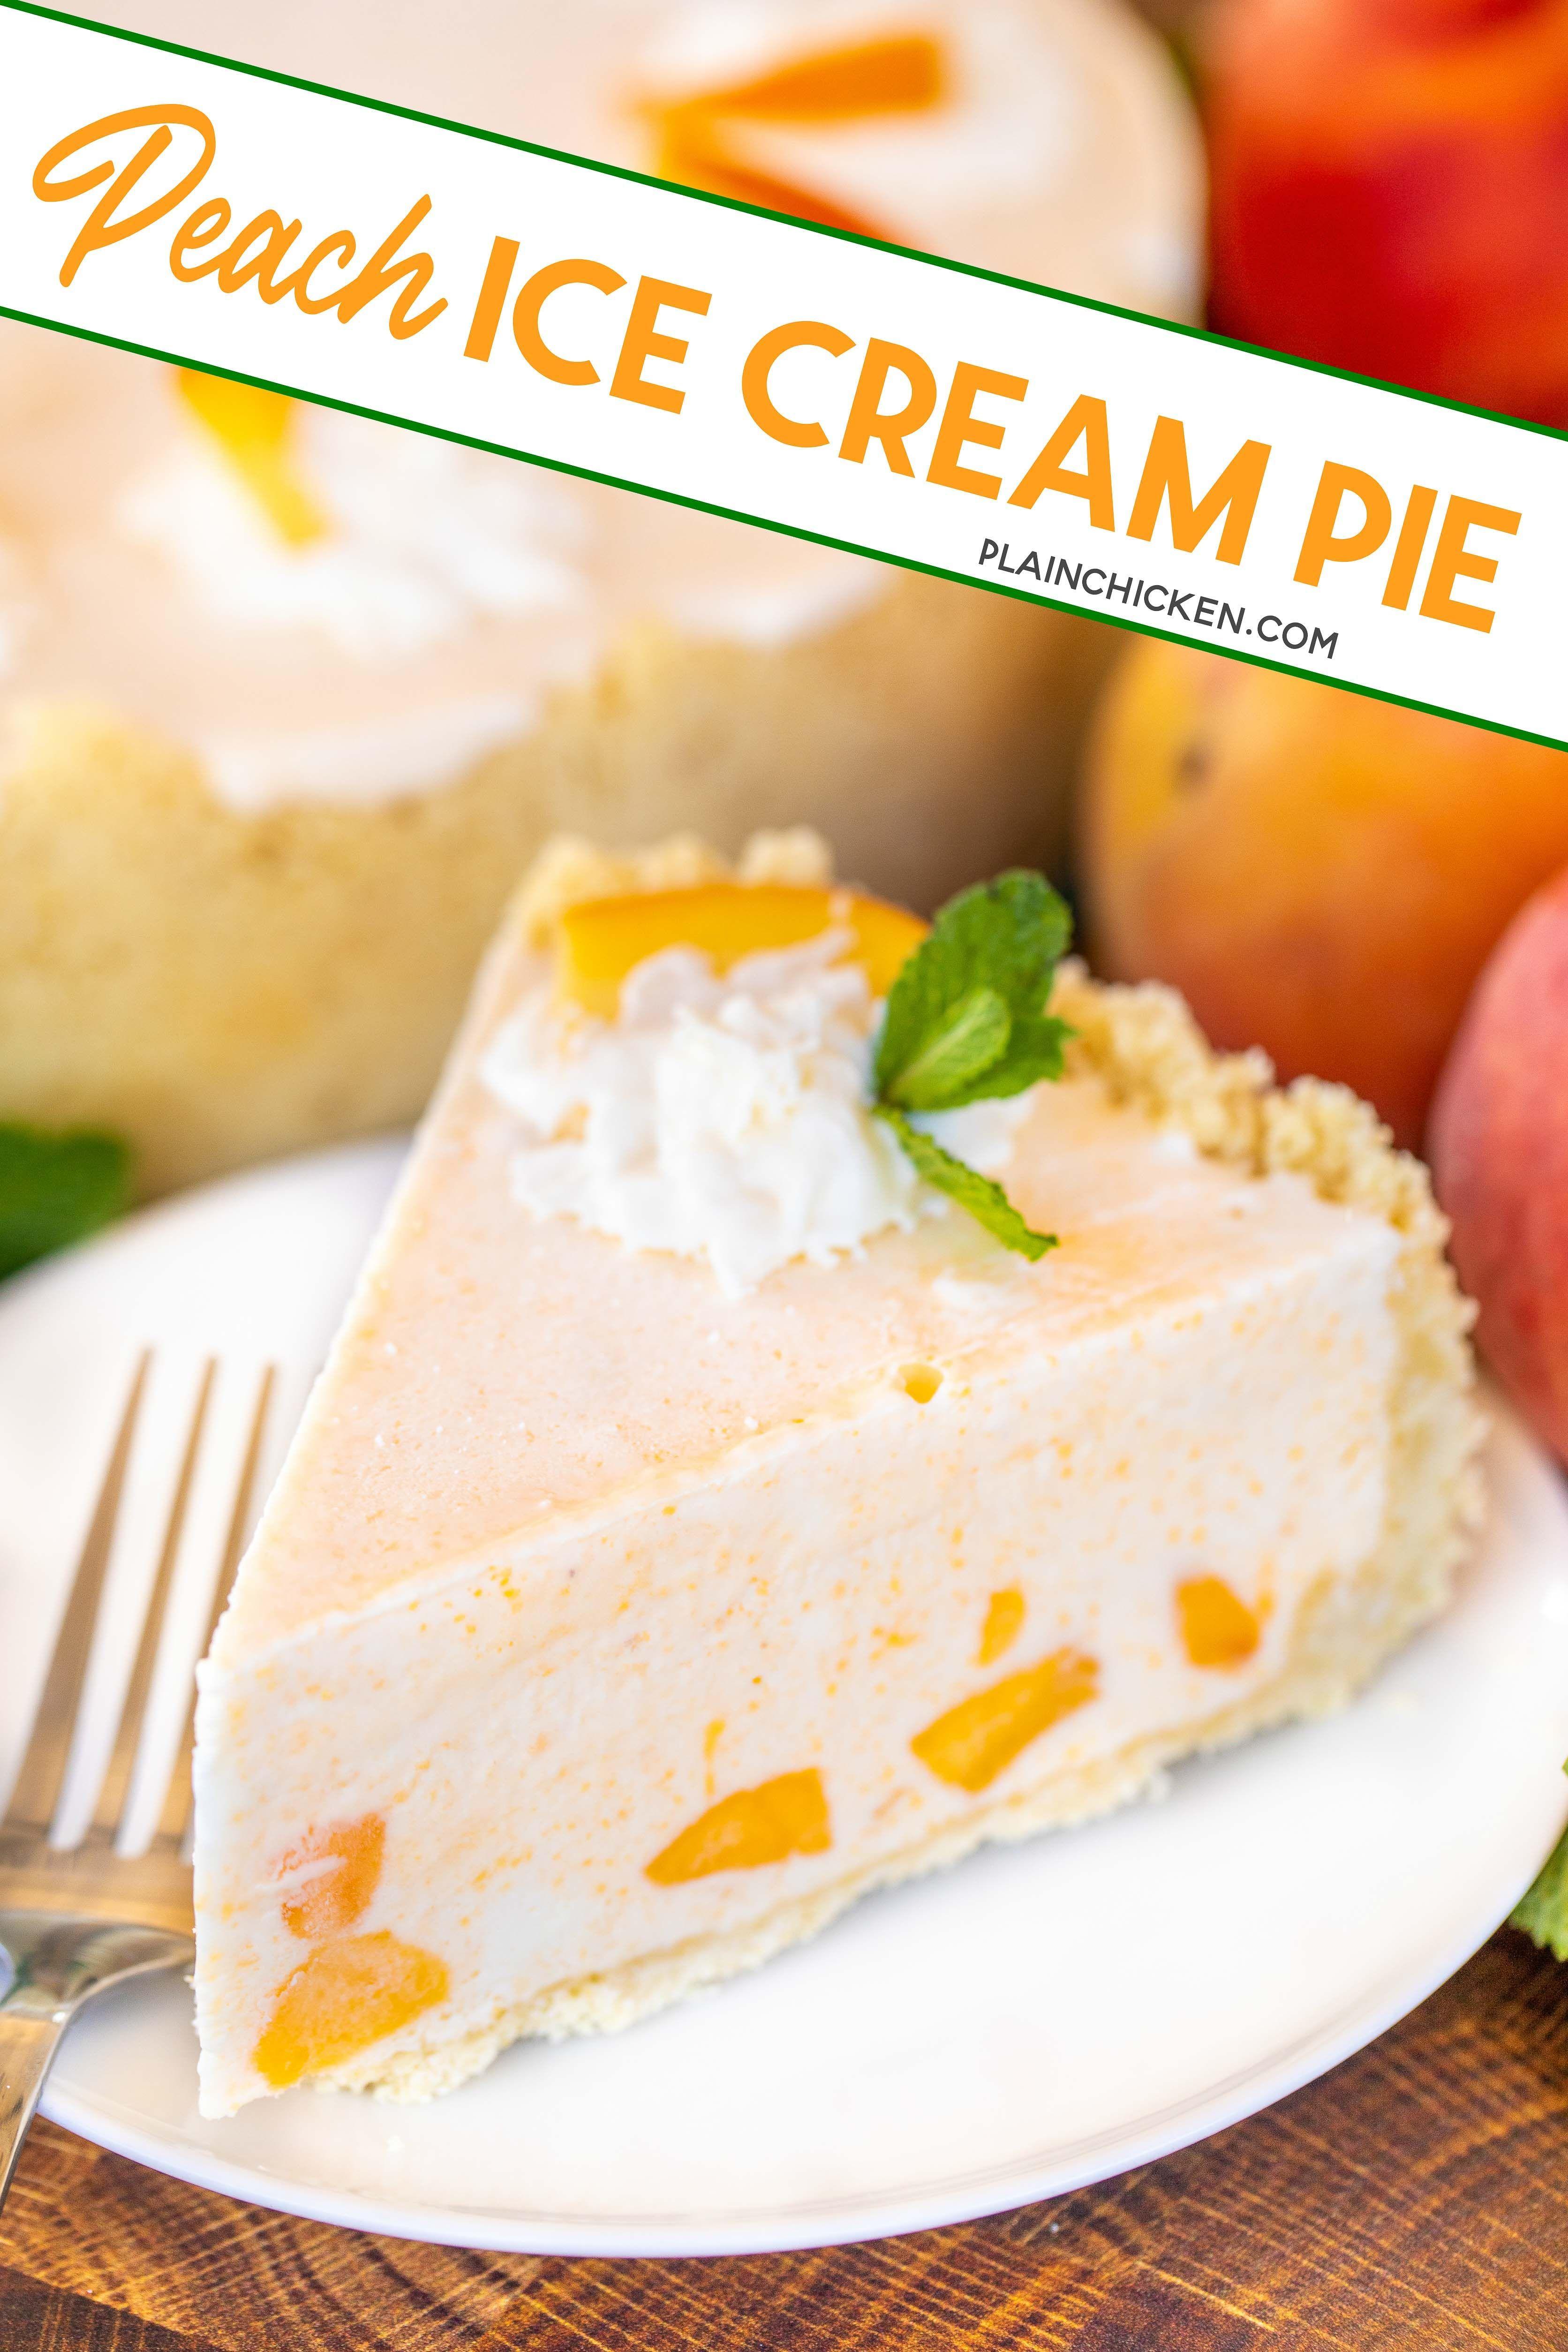 Peach Ice Cream Pie In 2020 Homemade Peach Ice Cream Ice Cream Pies Cream Pie Recipes